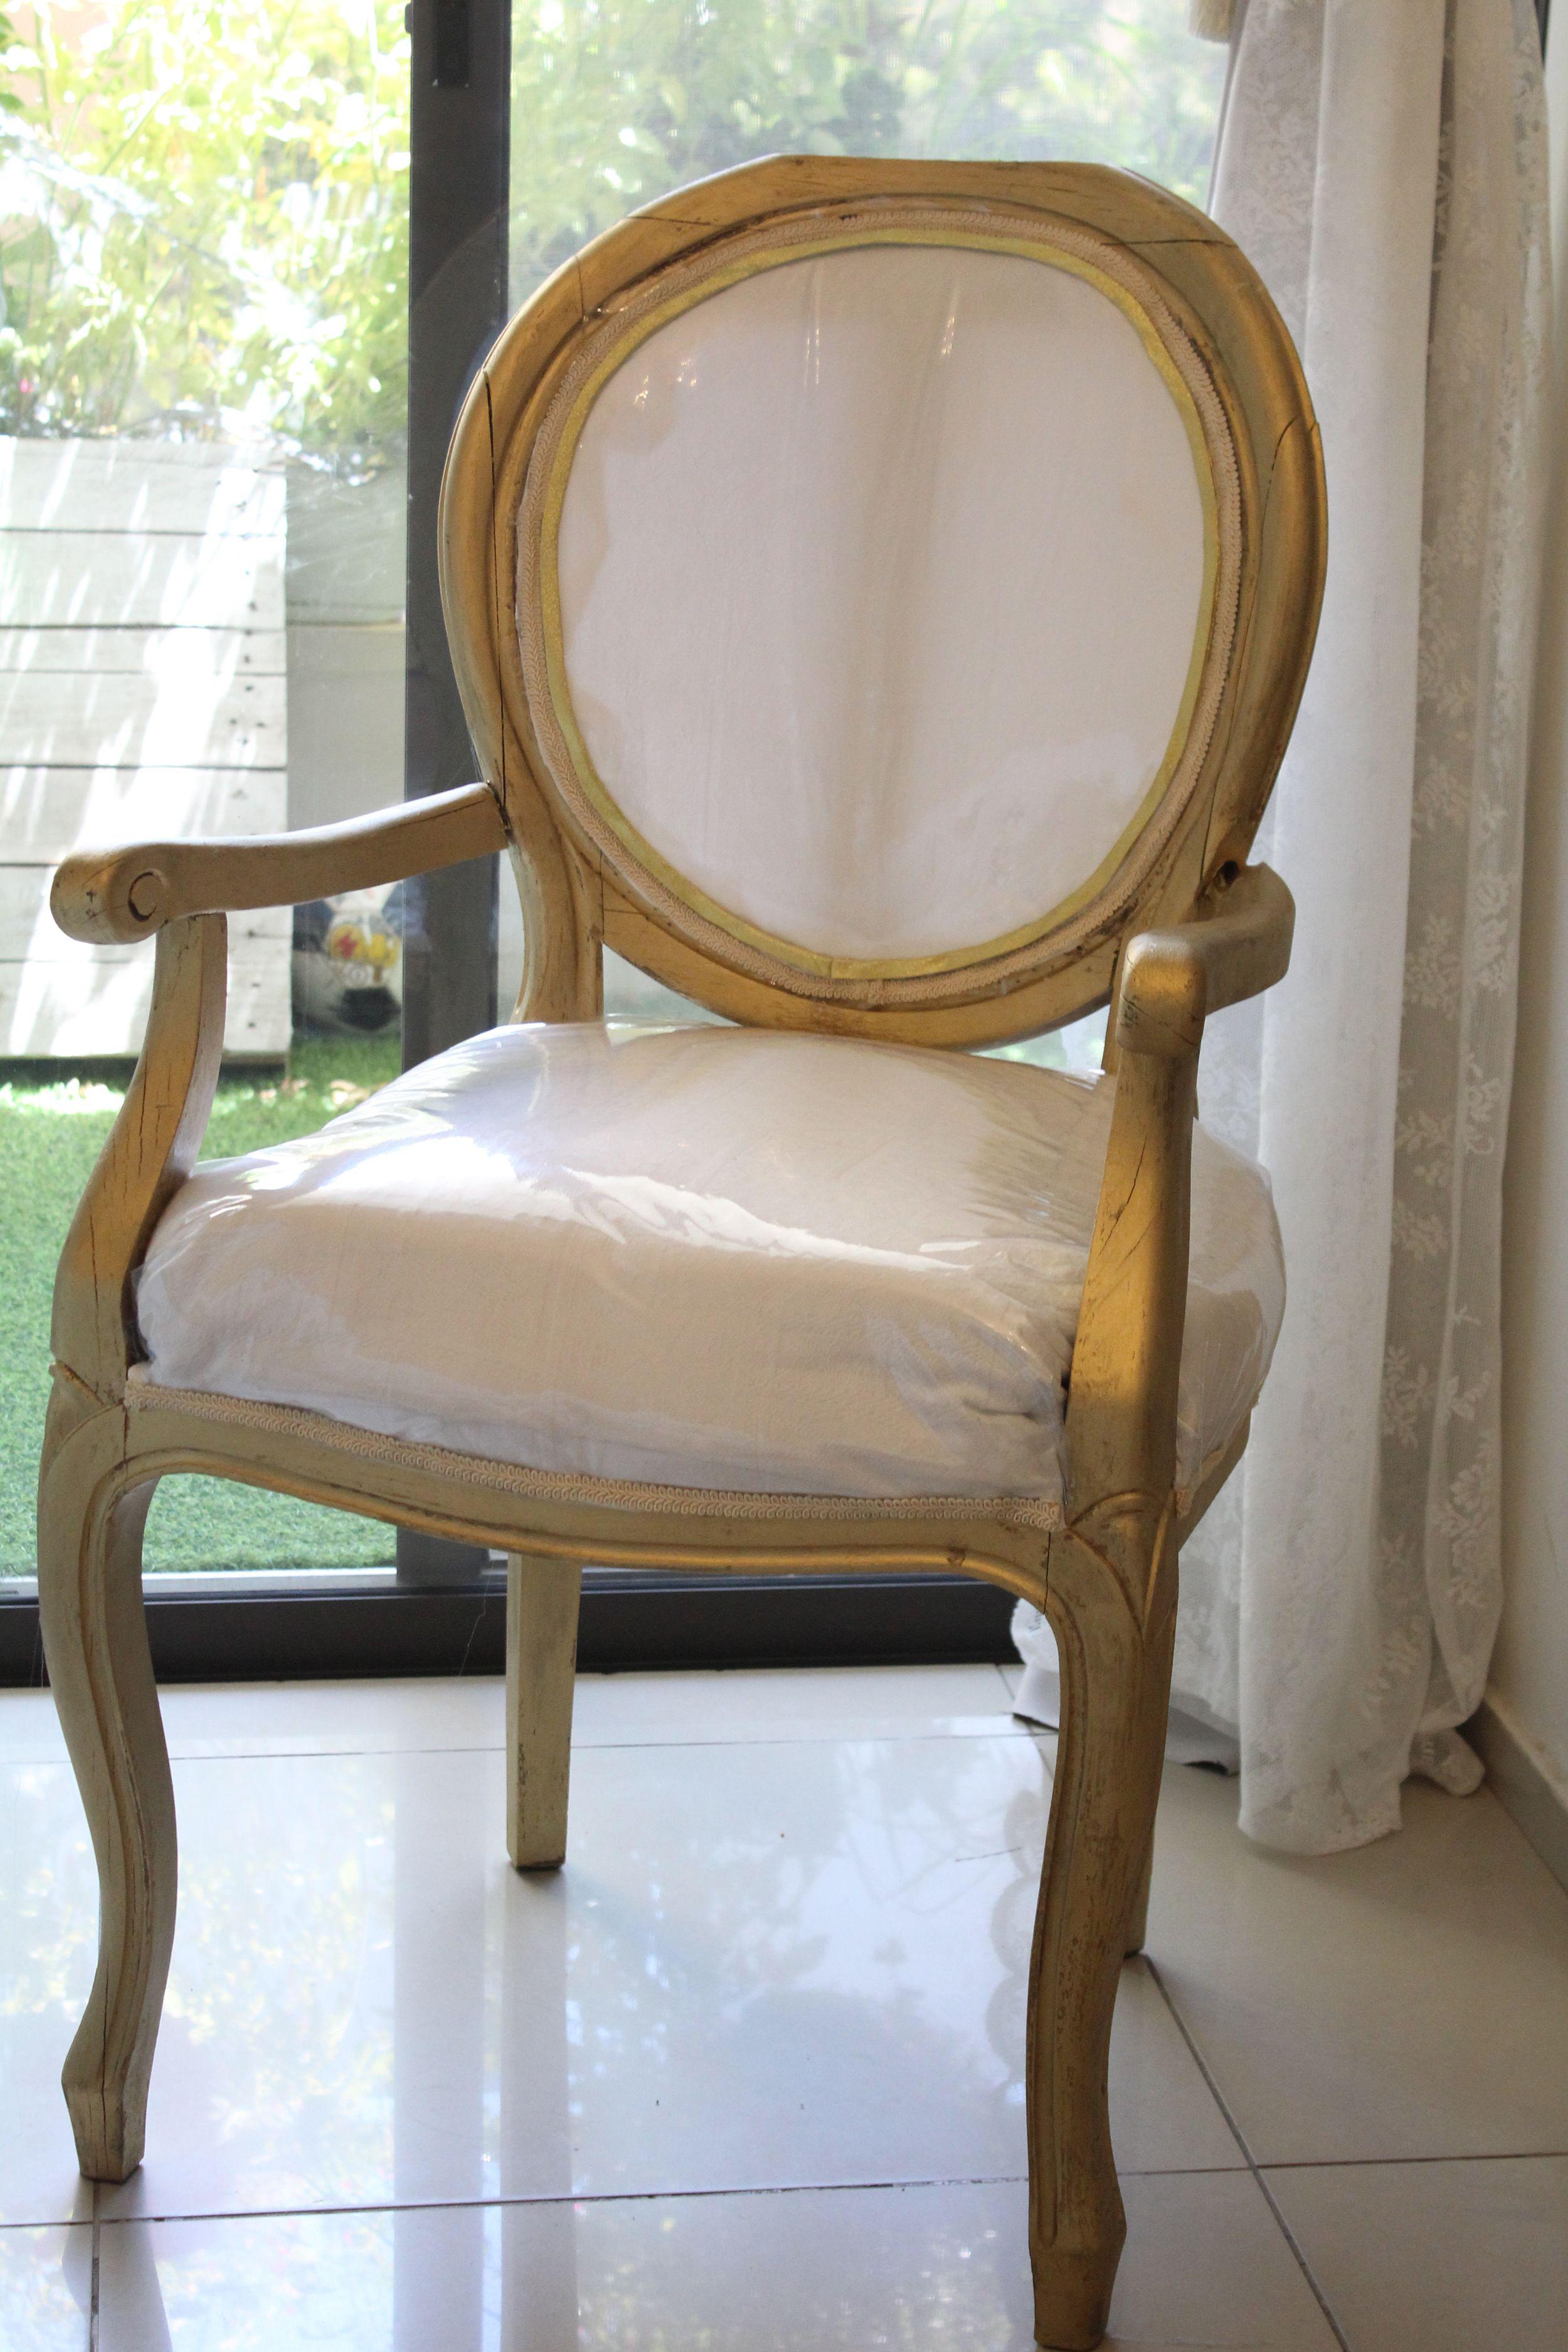 IMG 4203 - חידוש כסא עתיק